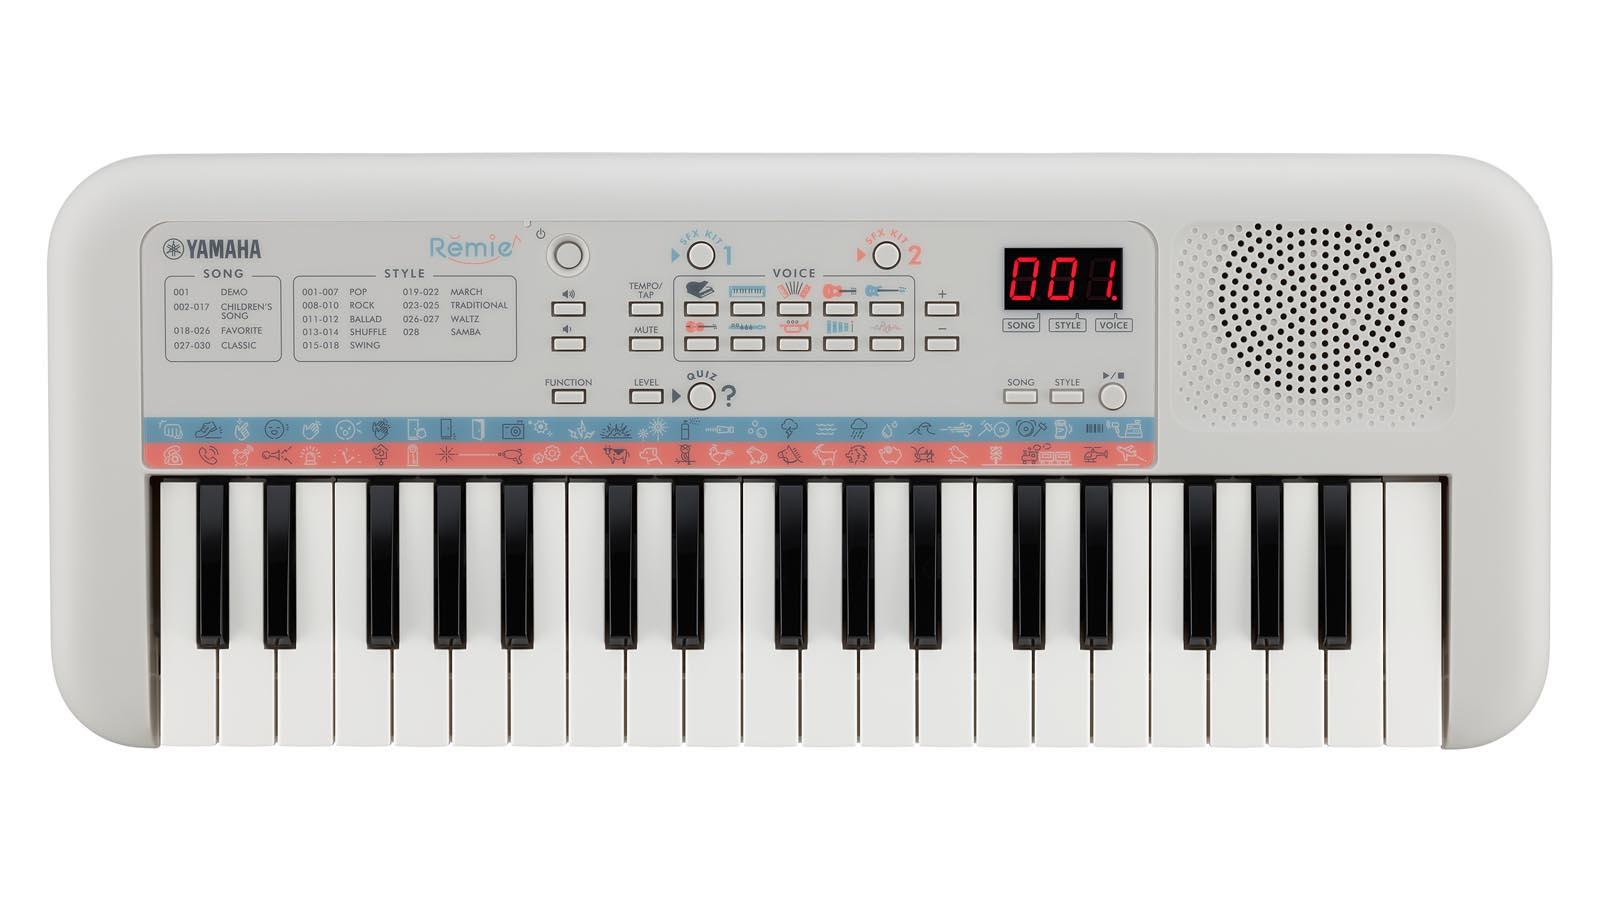 Yamaha PSS-E30 Mini Keyboard Remie